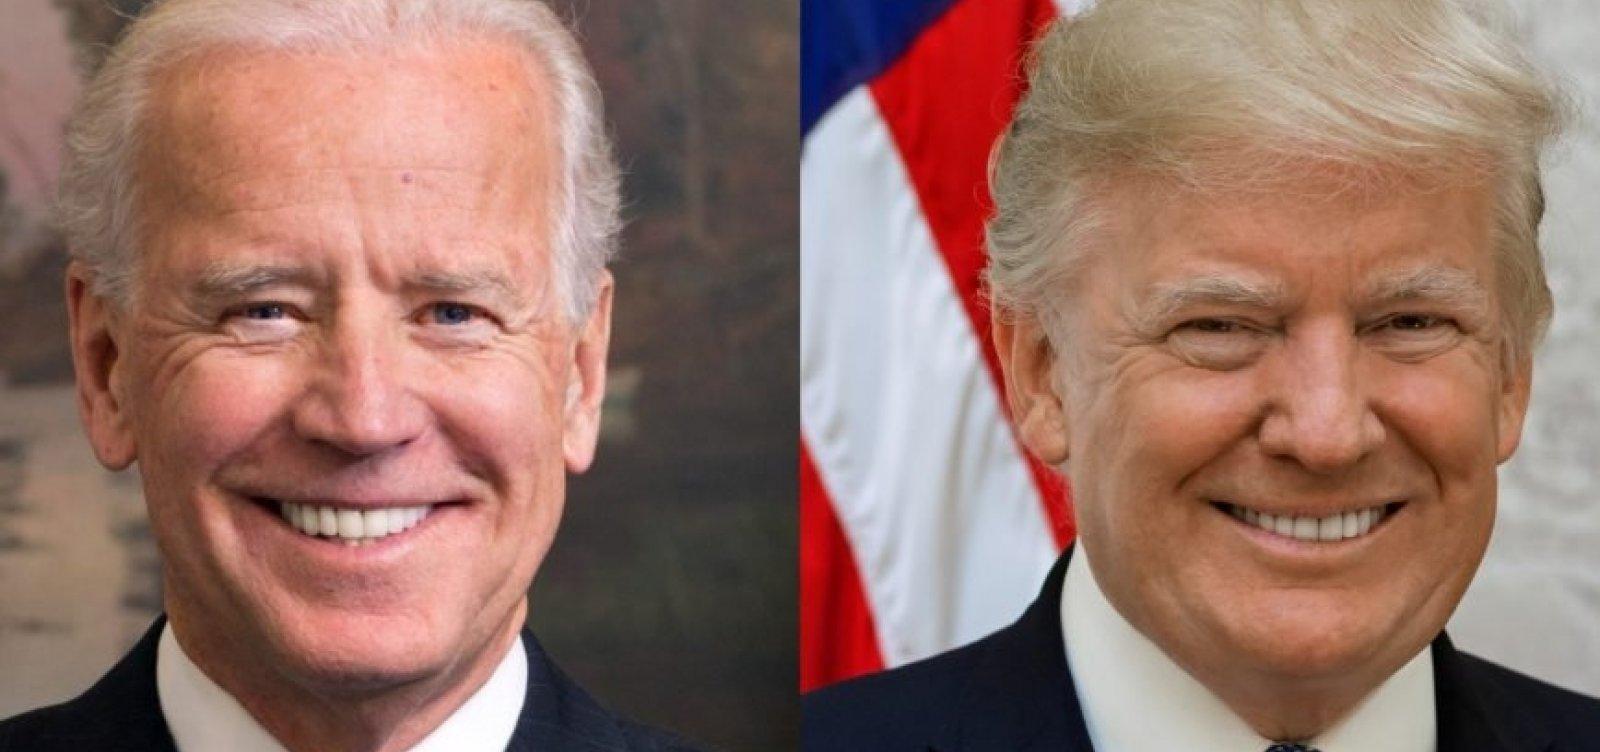 [Eleição nos EUA: Biden tem 14% de vantagem sobre Trump, diz pesquisa do New York Times]